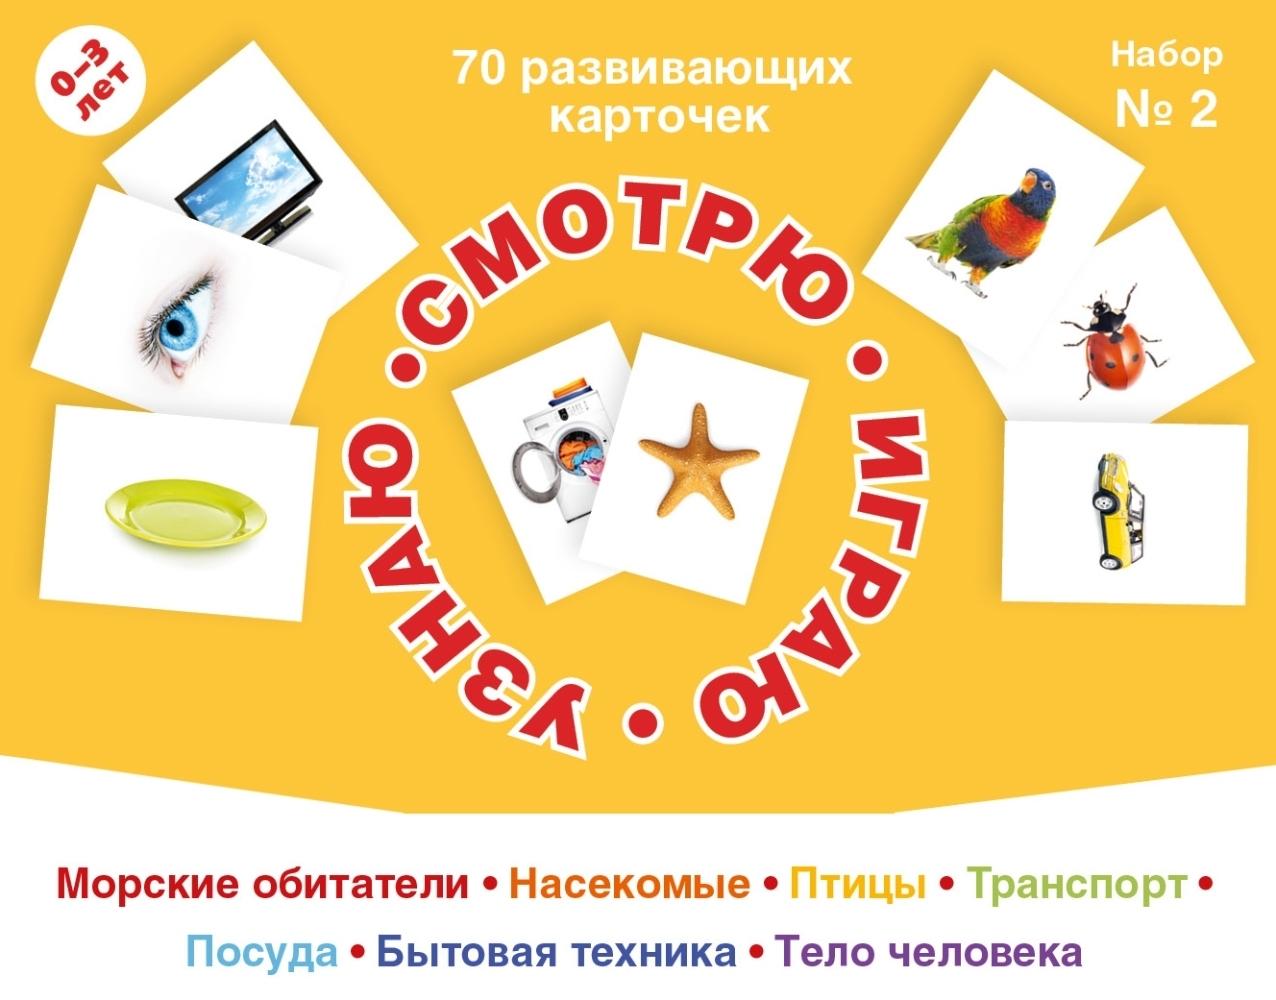 70 развивающих карточек для занятий с детьми.